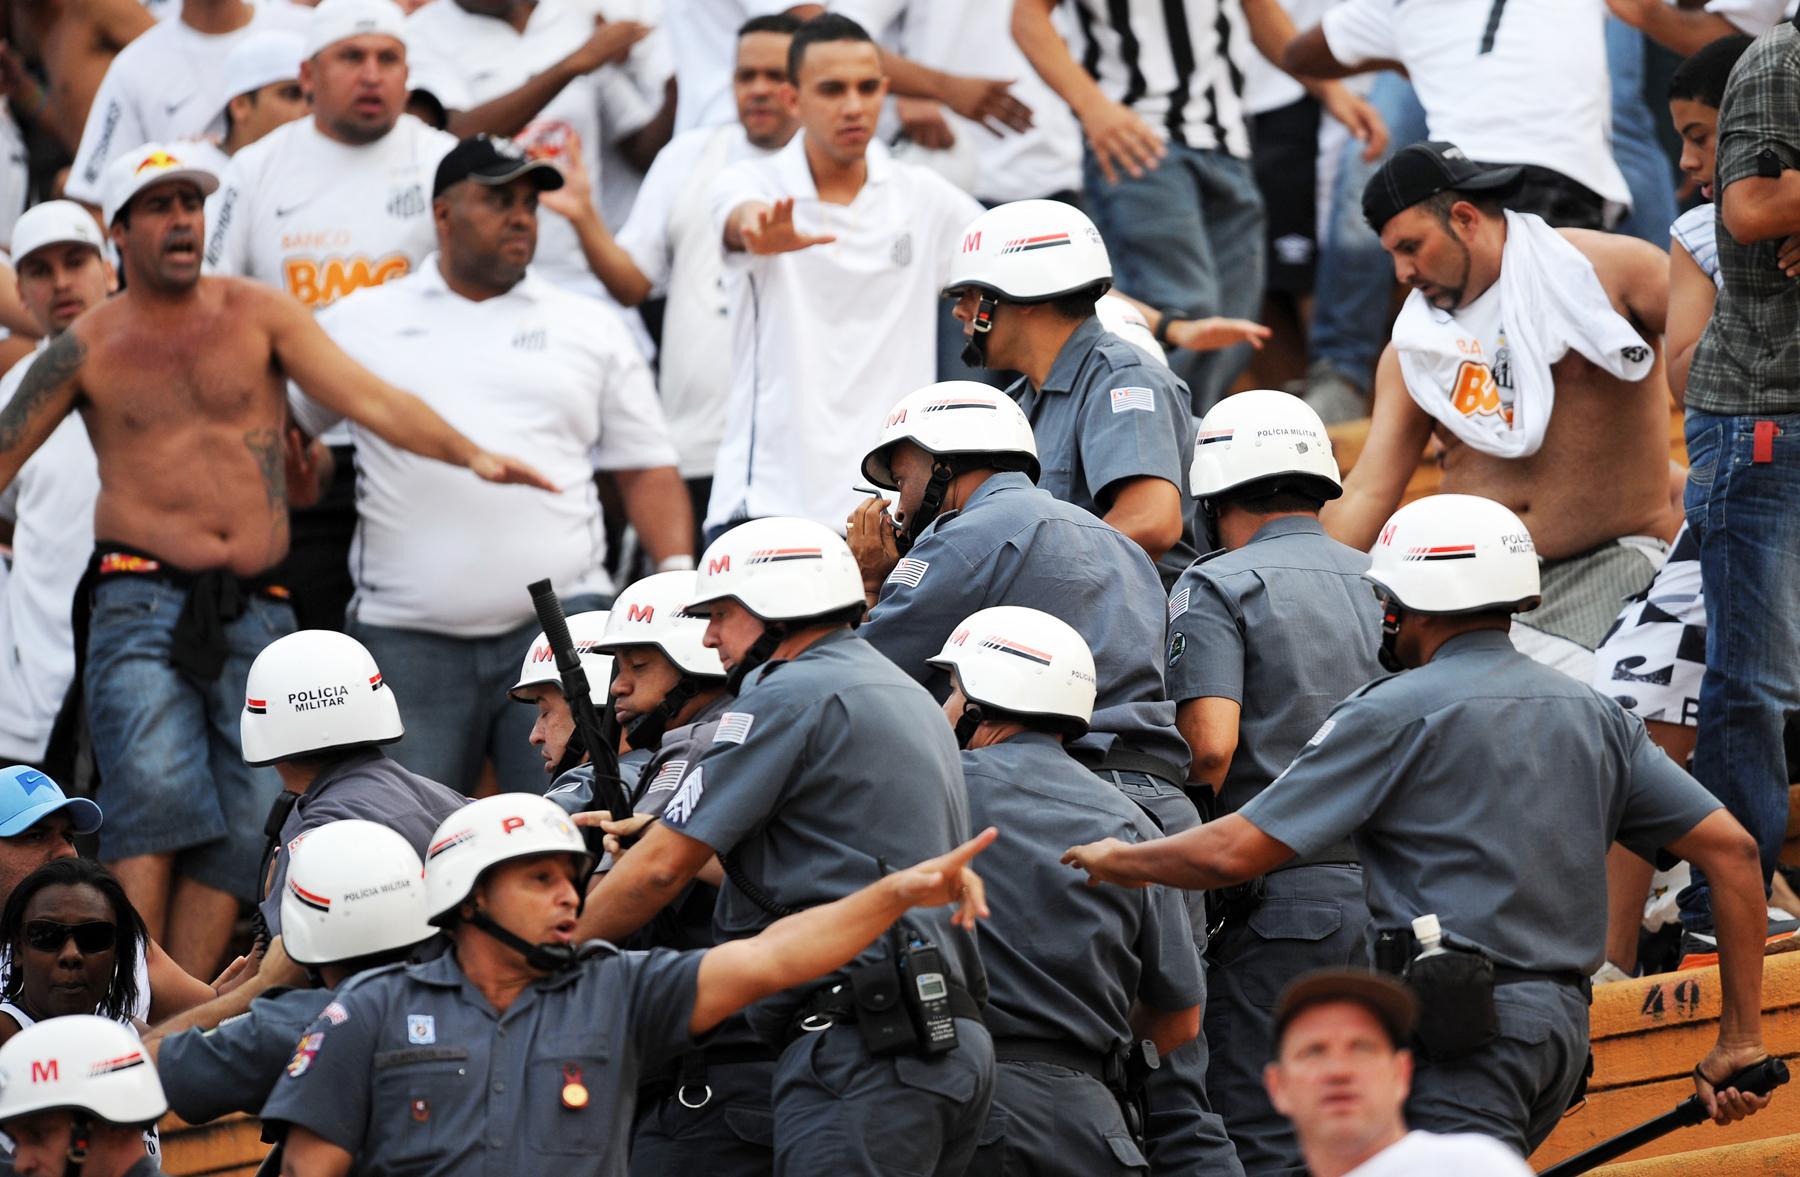 Soccer's Deadliest Fans: The Troubled World of Brazil's 'Organizadas'